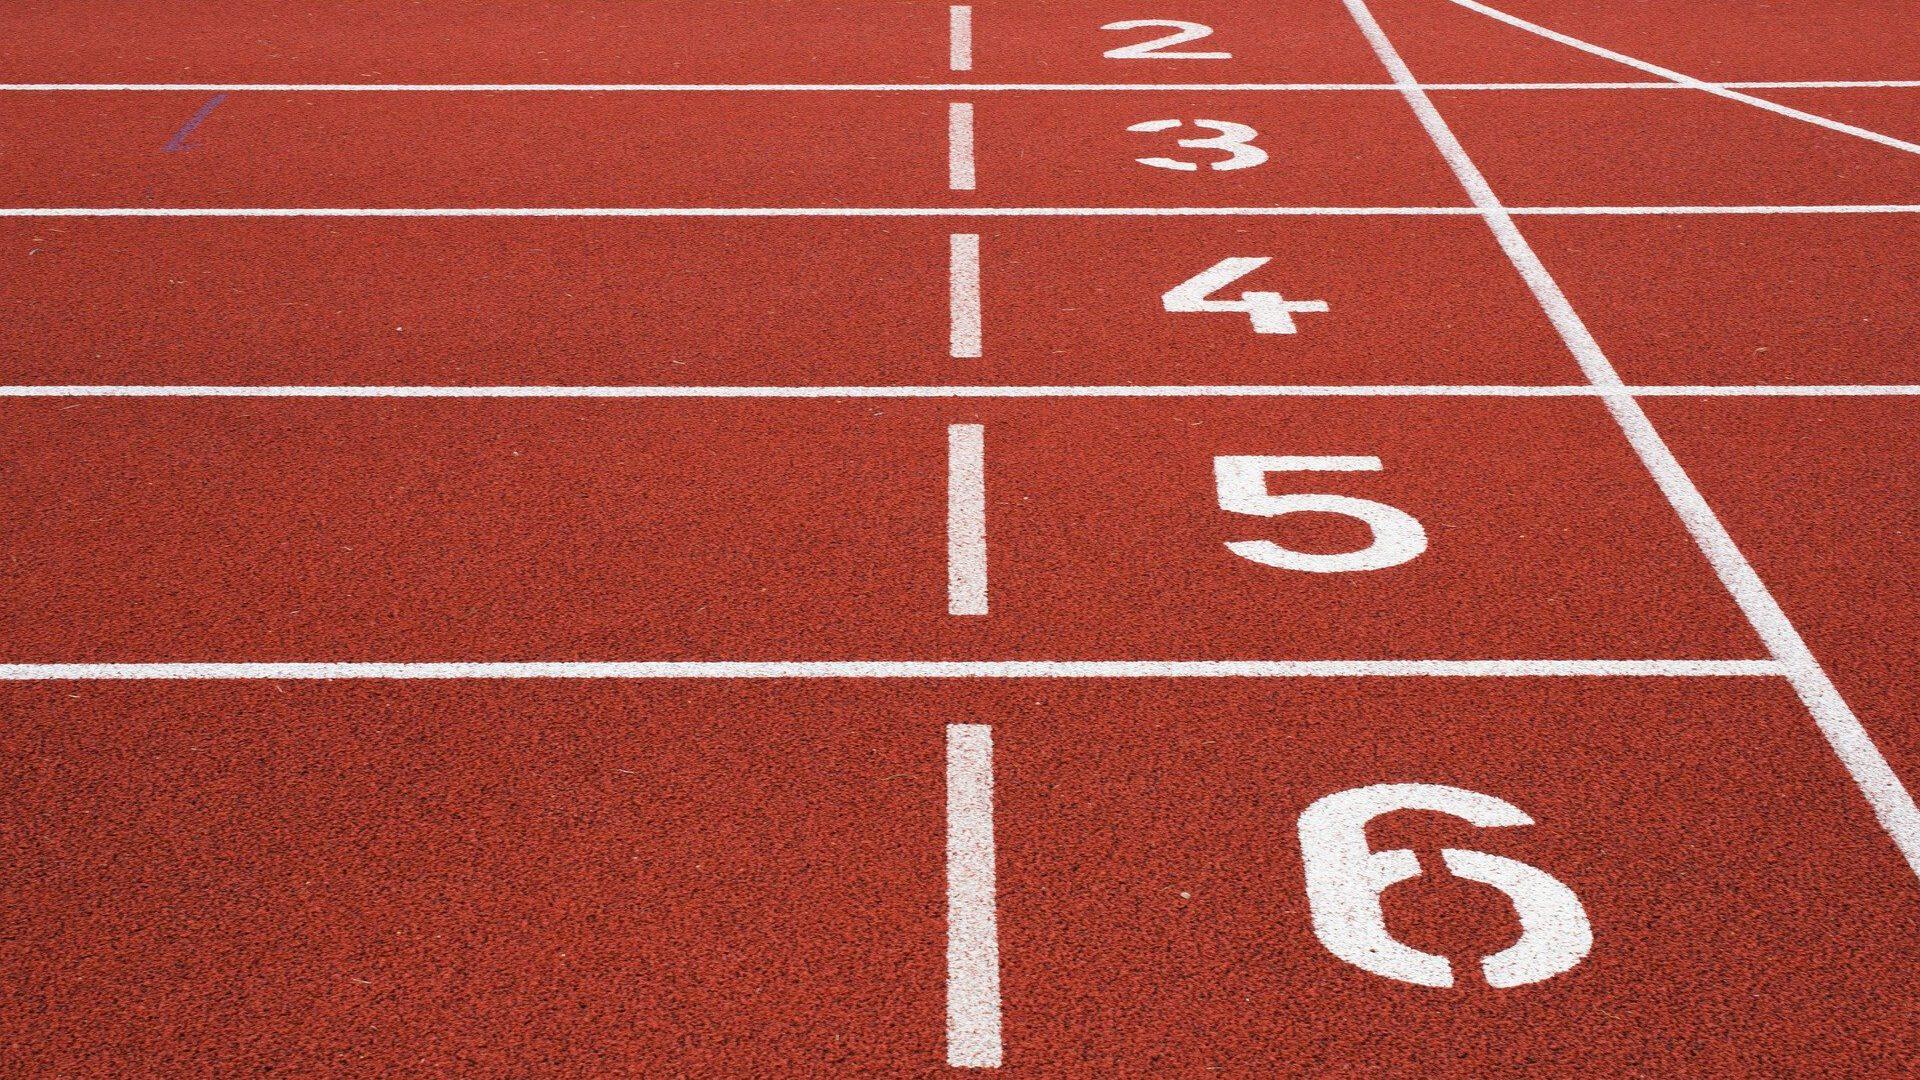 Leichtathletik für Kids